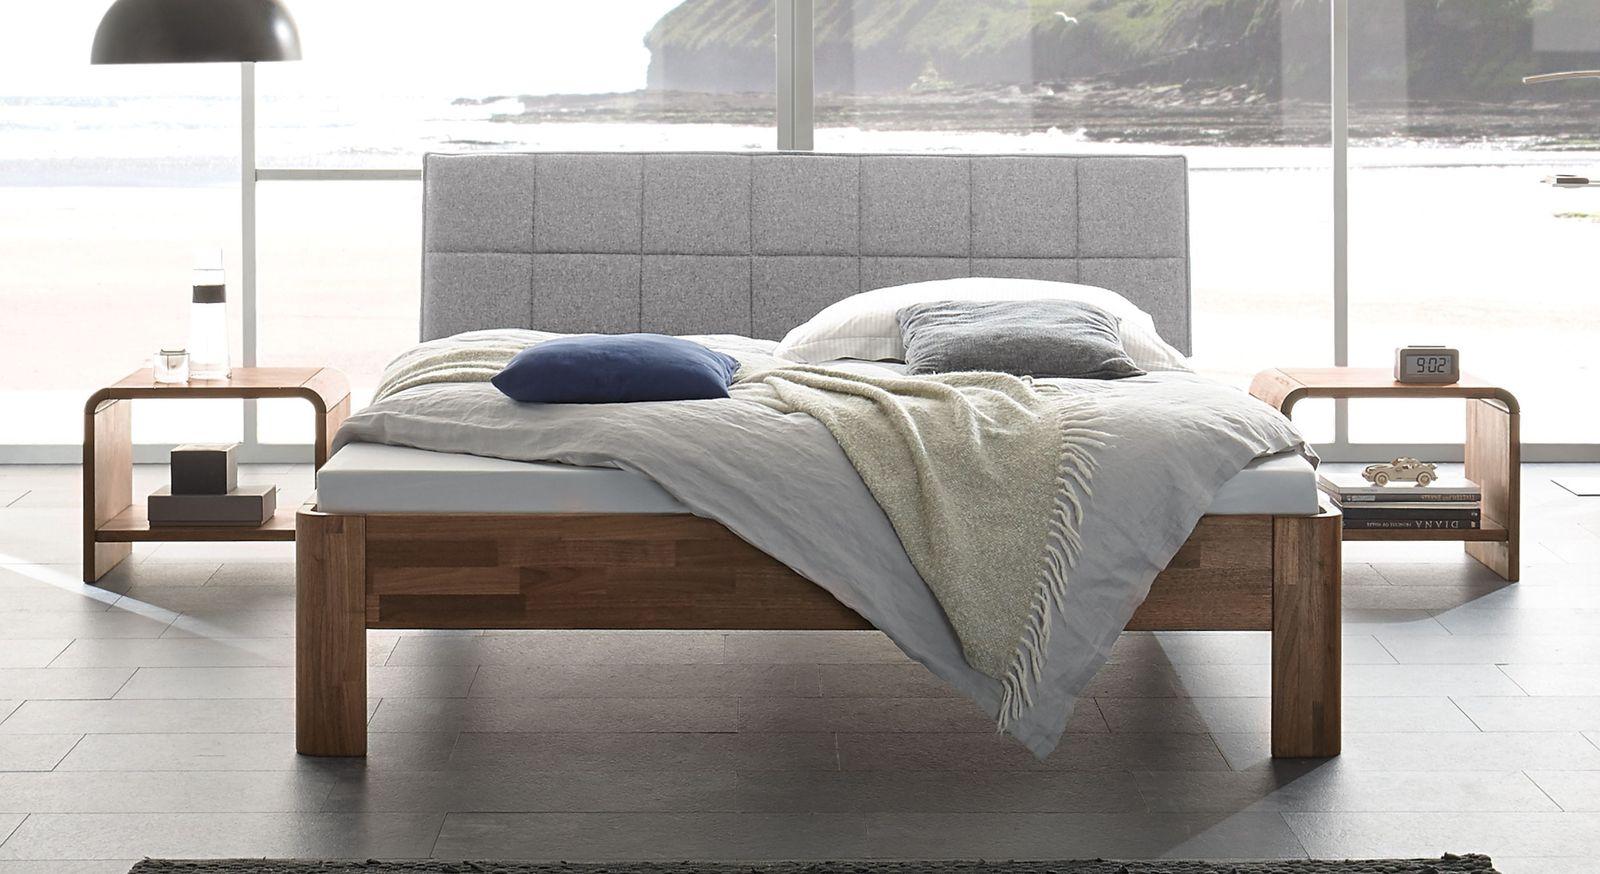 Nussbaum-Bett Pello mit weißgrauem Kopfteil